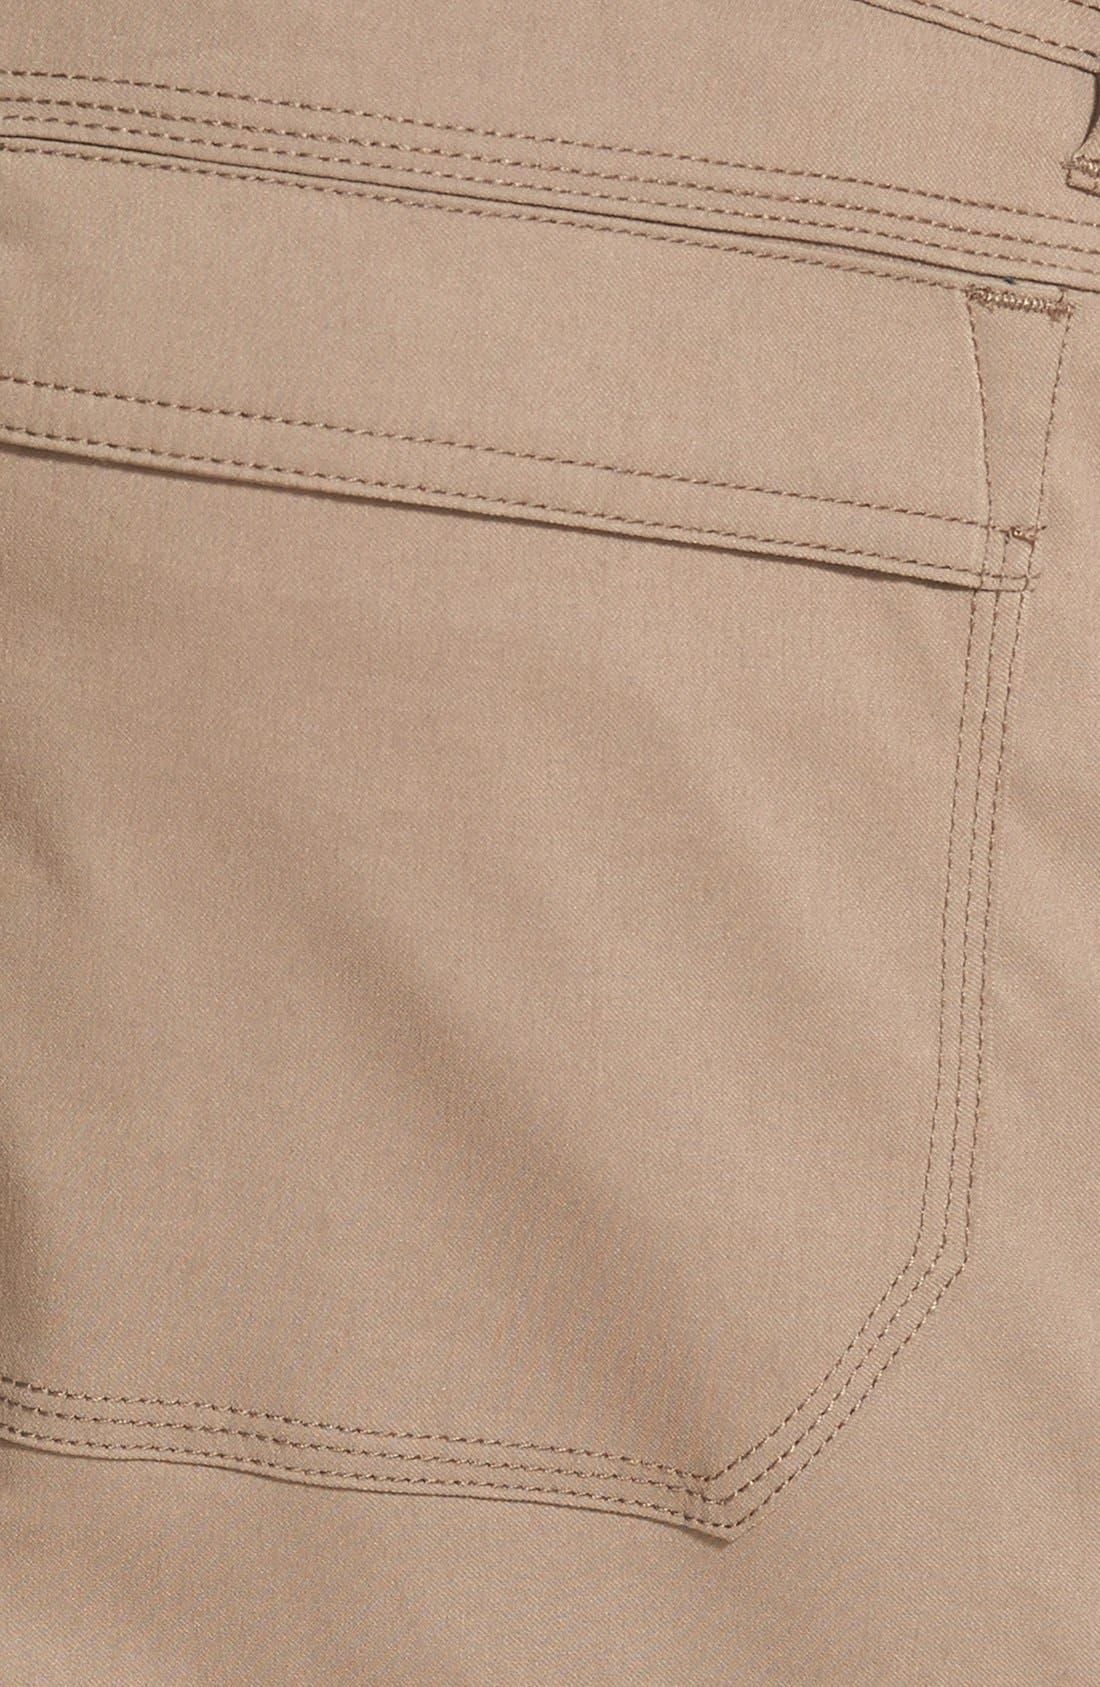 Zion Stretch Pants,                             Alternate thumbnail 4, color,